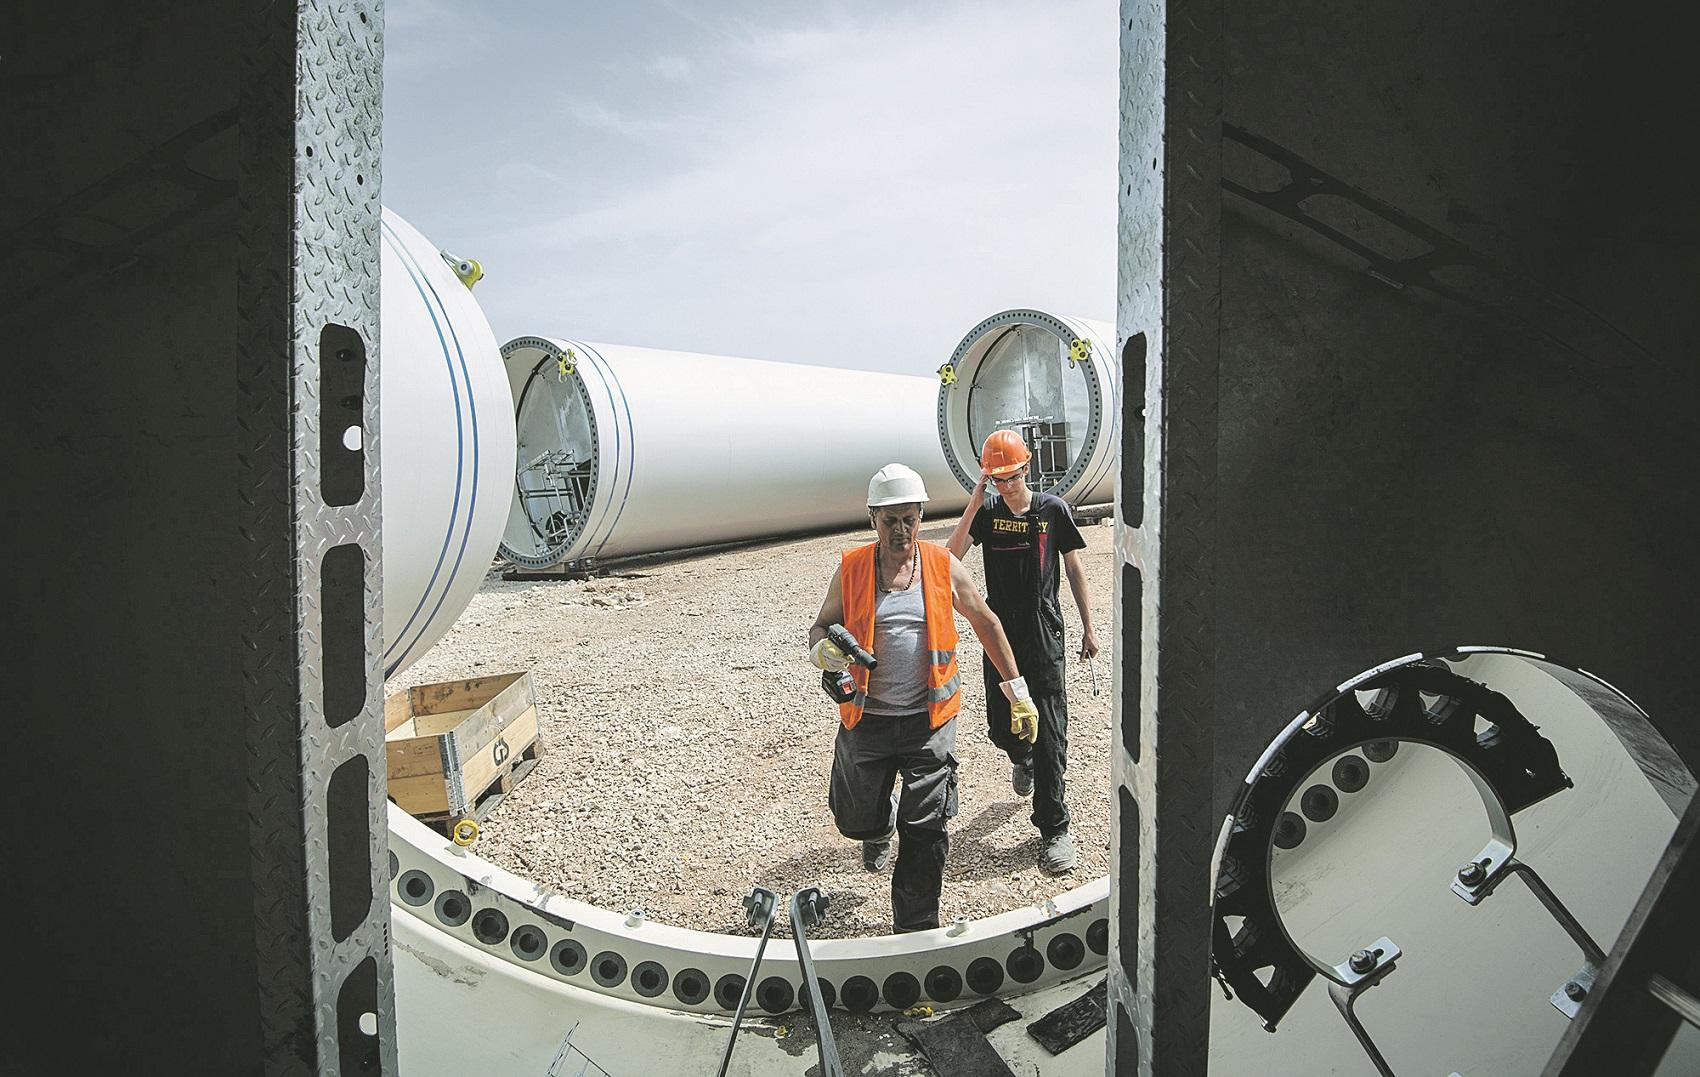 Padjene, 260419. Gradiliste Vjetroelektrane Krs Padjene prostire se kroz podrucje opcine Ervenik i grada Knina. Vjetroelektrana ukupne snage 142 MW bit ce najveca do sada u Hrvatskoj, prostire se na 20-ak km2 a elektricna energija proizvodit ce se putem 48 vjetroagregata. Foto: Tom Dubravec/ CROPIX